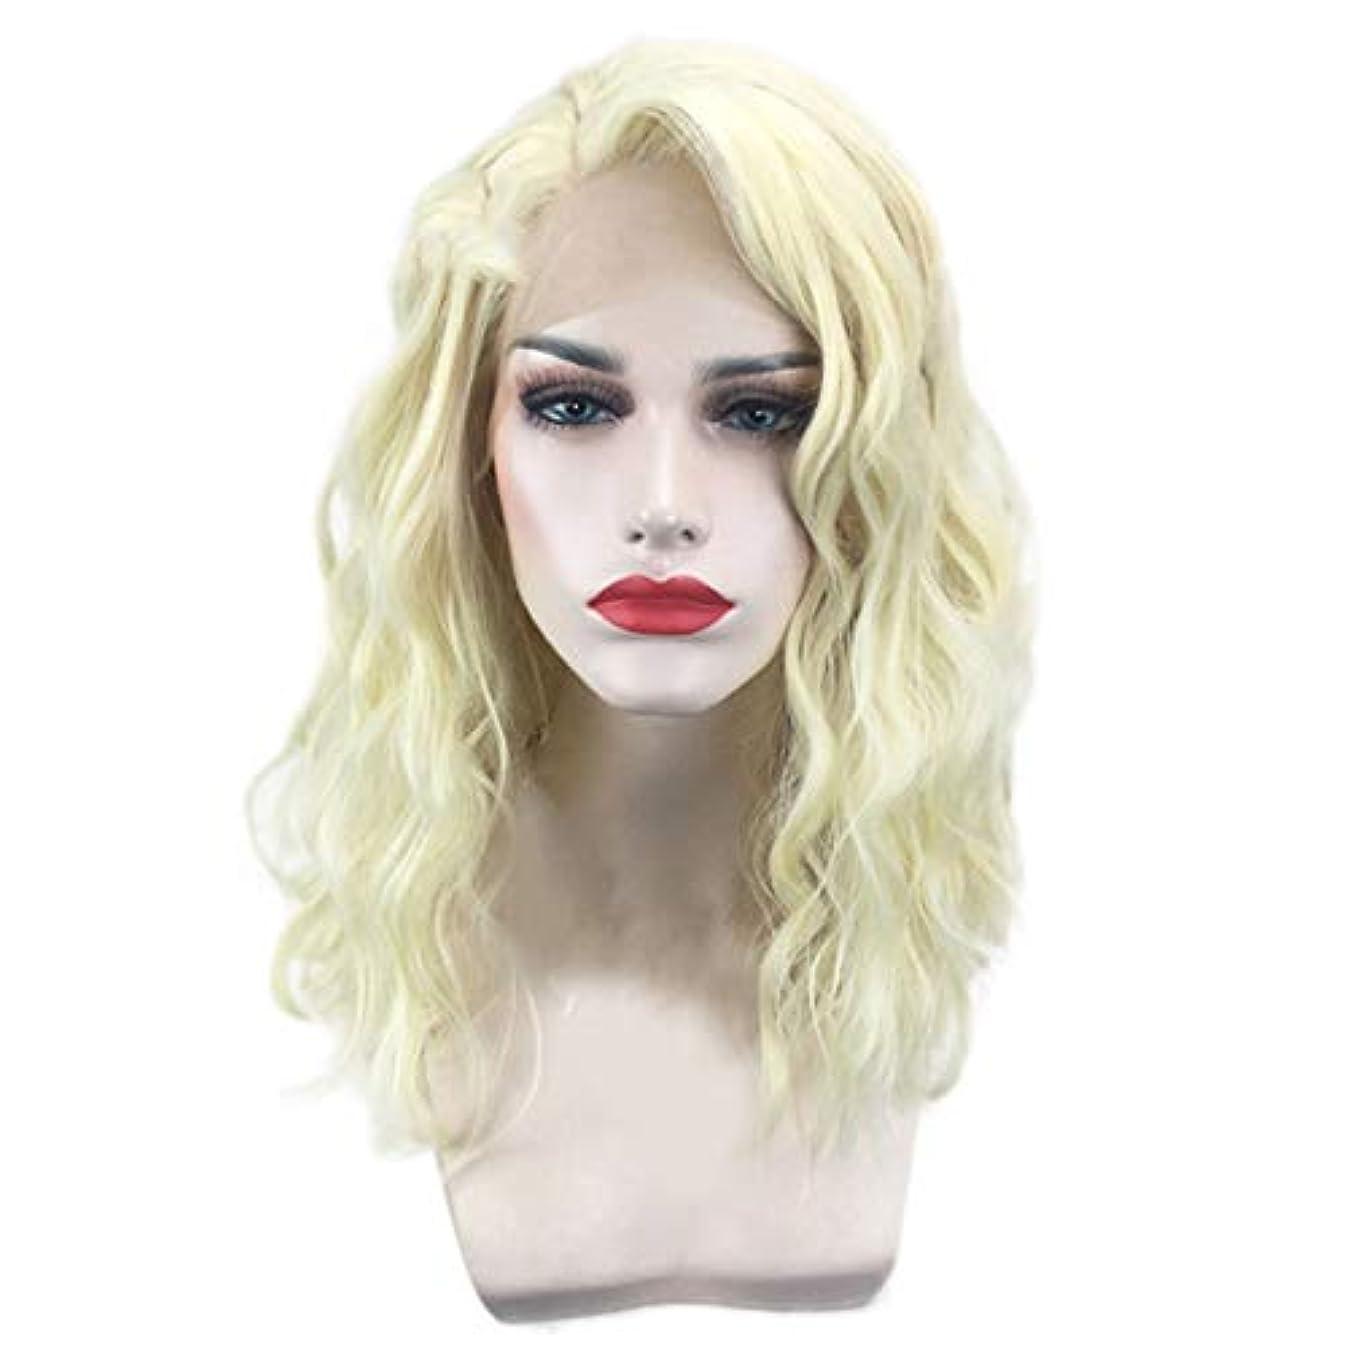 スケジュール着飾るサーキュレーション女性のための短い巻き毛のかつらゴールドウェーブヘアかつら自然に見える耐熱合成ファッションかつらコスプレ気質